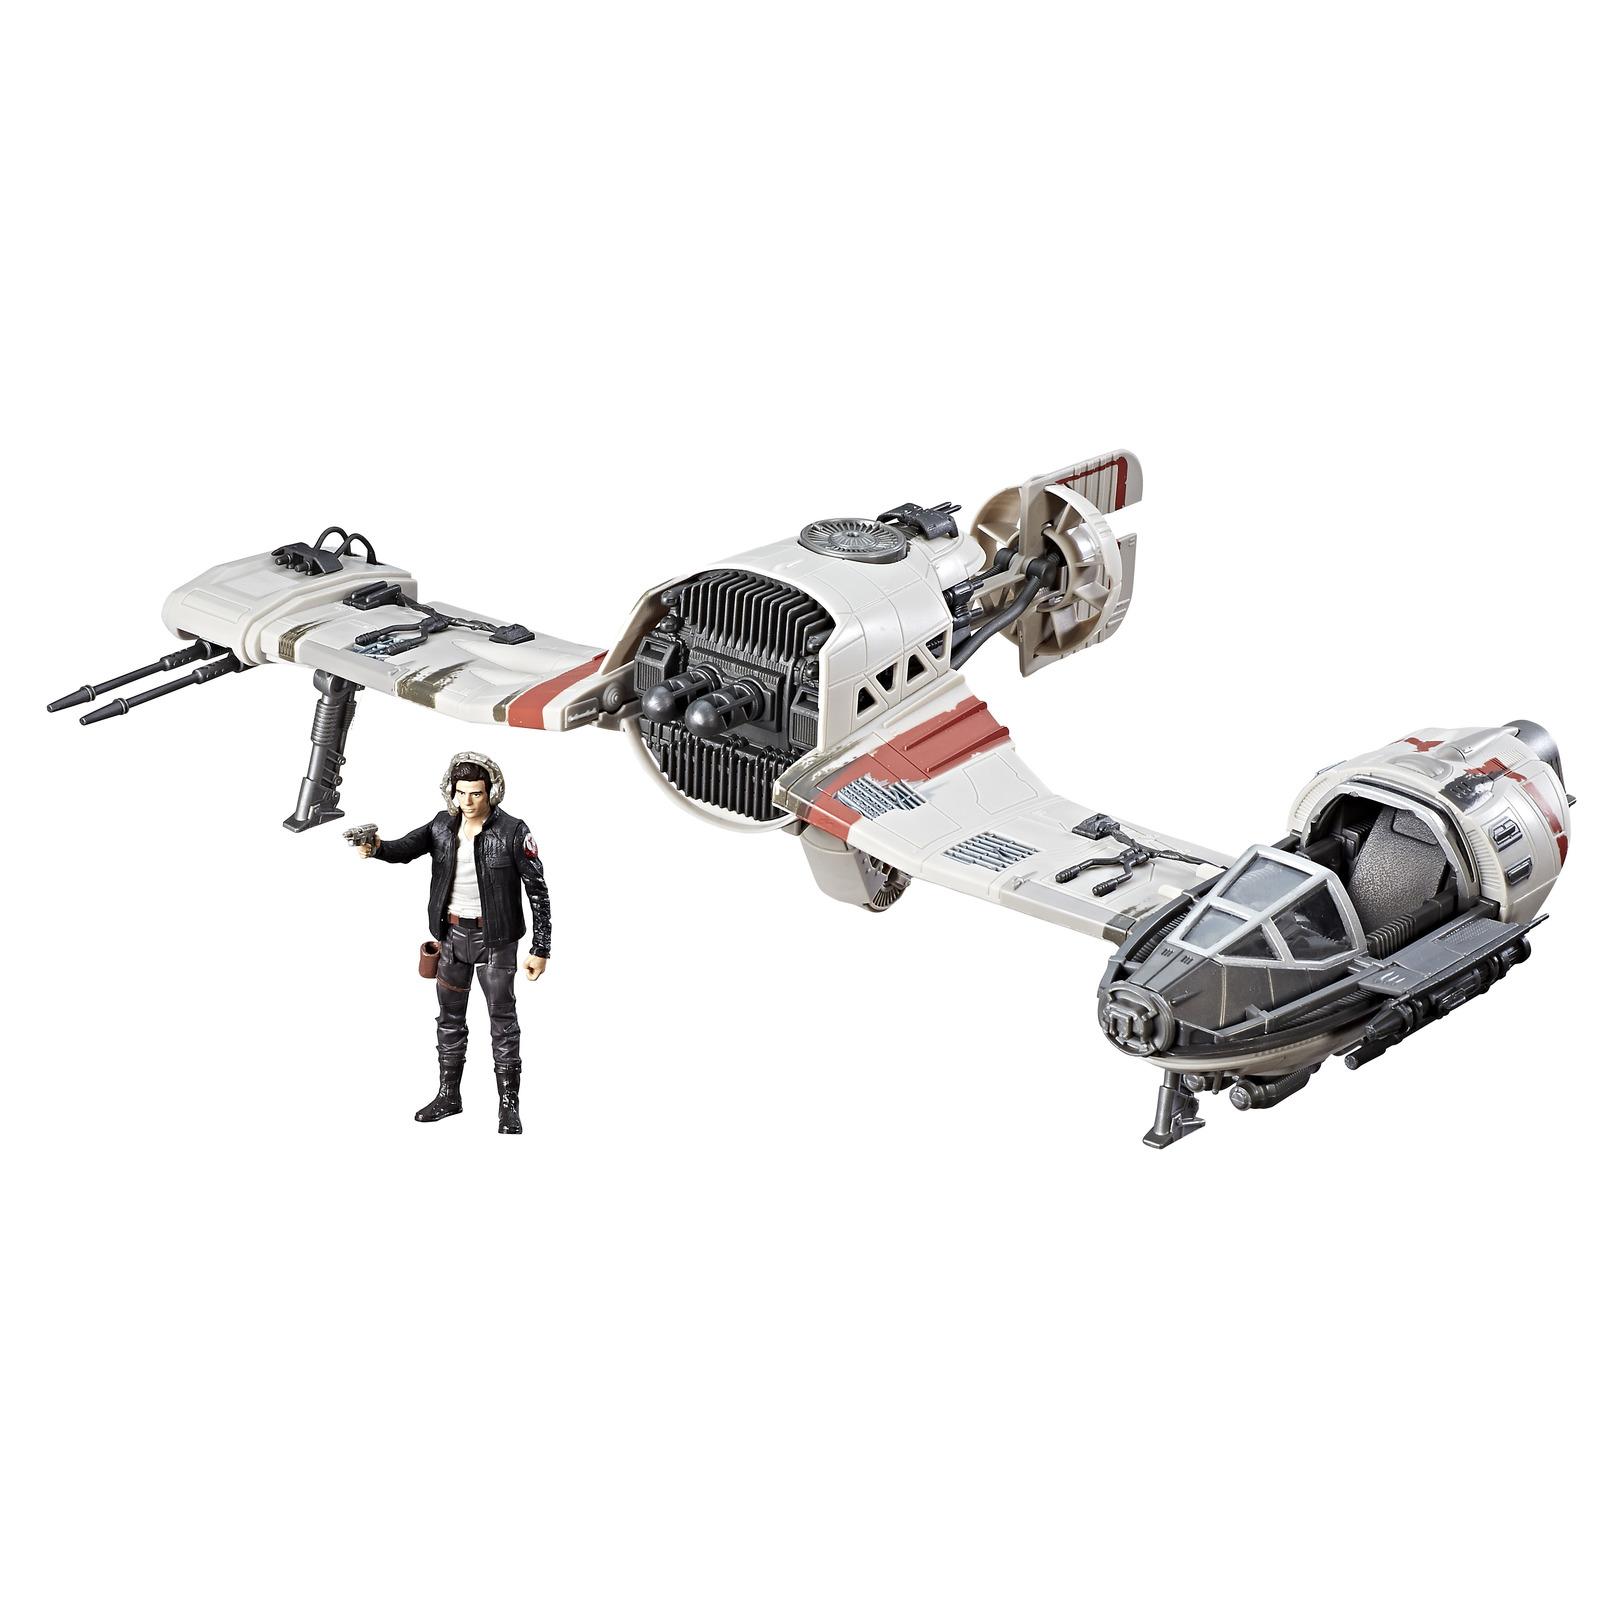 Star Wars: Force Link Figure - Poe Dameron & Ski Speeder 2 Pack image